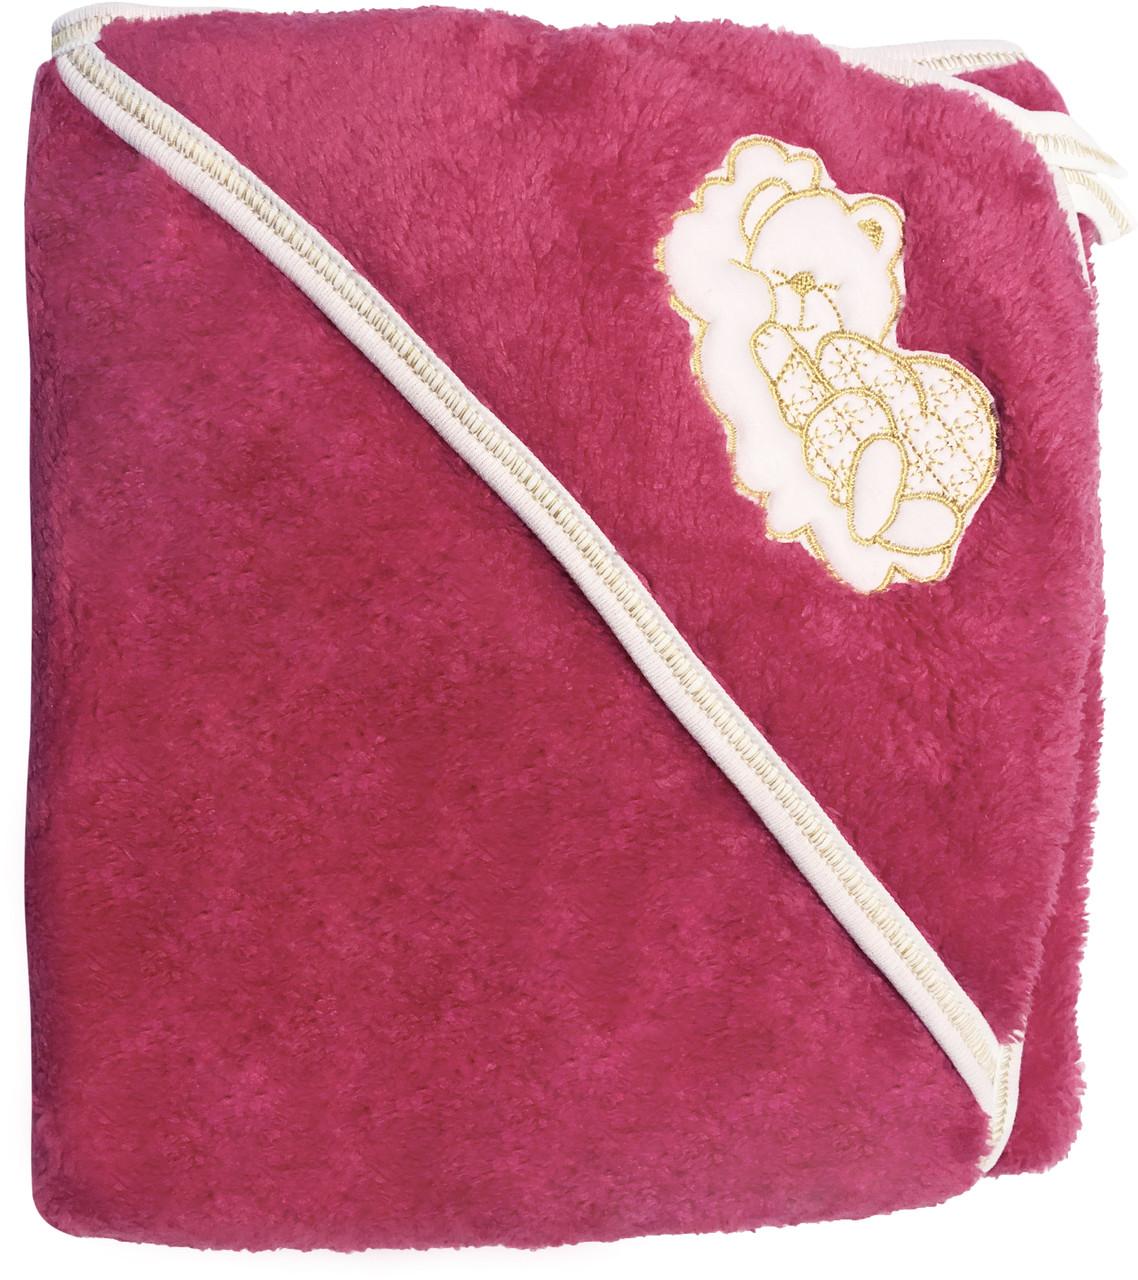 Детское полотенце с уголком после купания 80х90 махровое с капюшоном малиновое для новорожденных малышей девочке Ю750